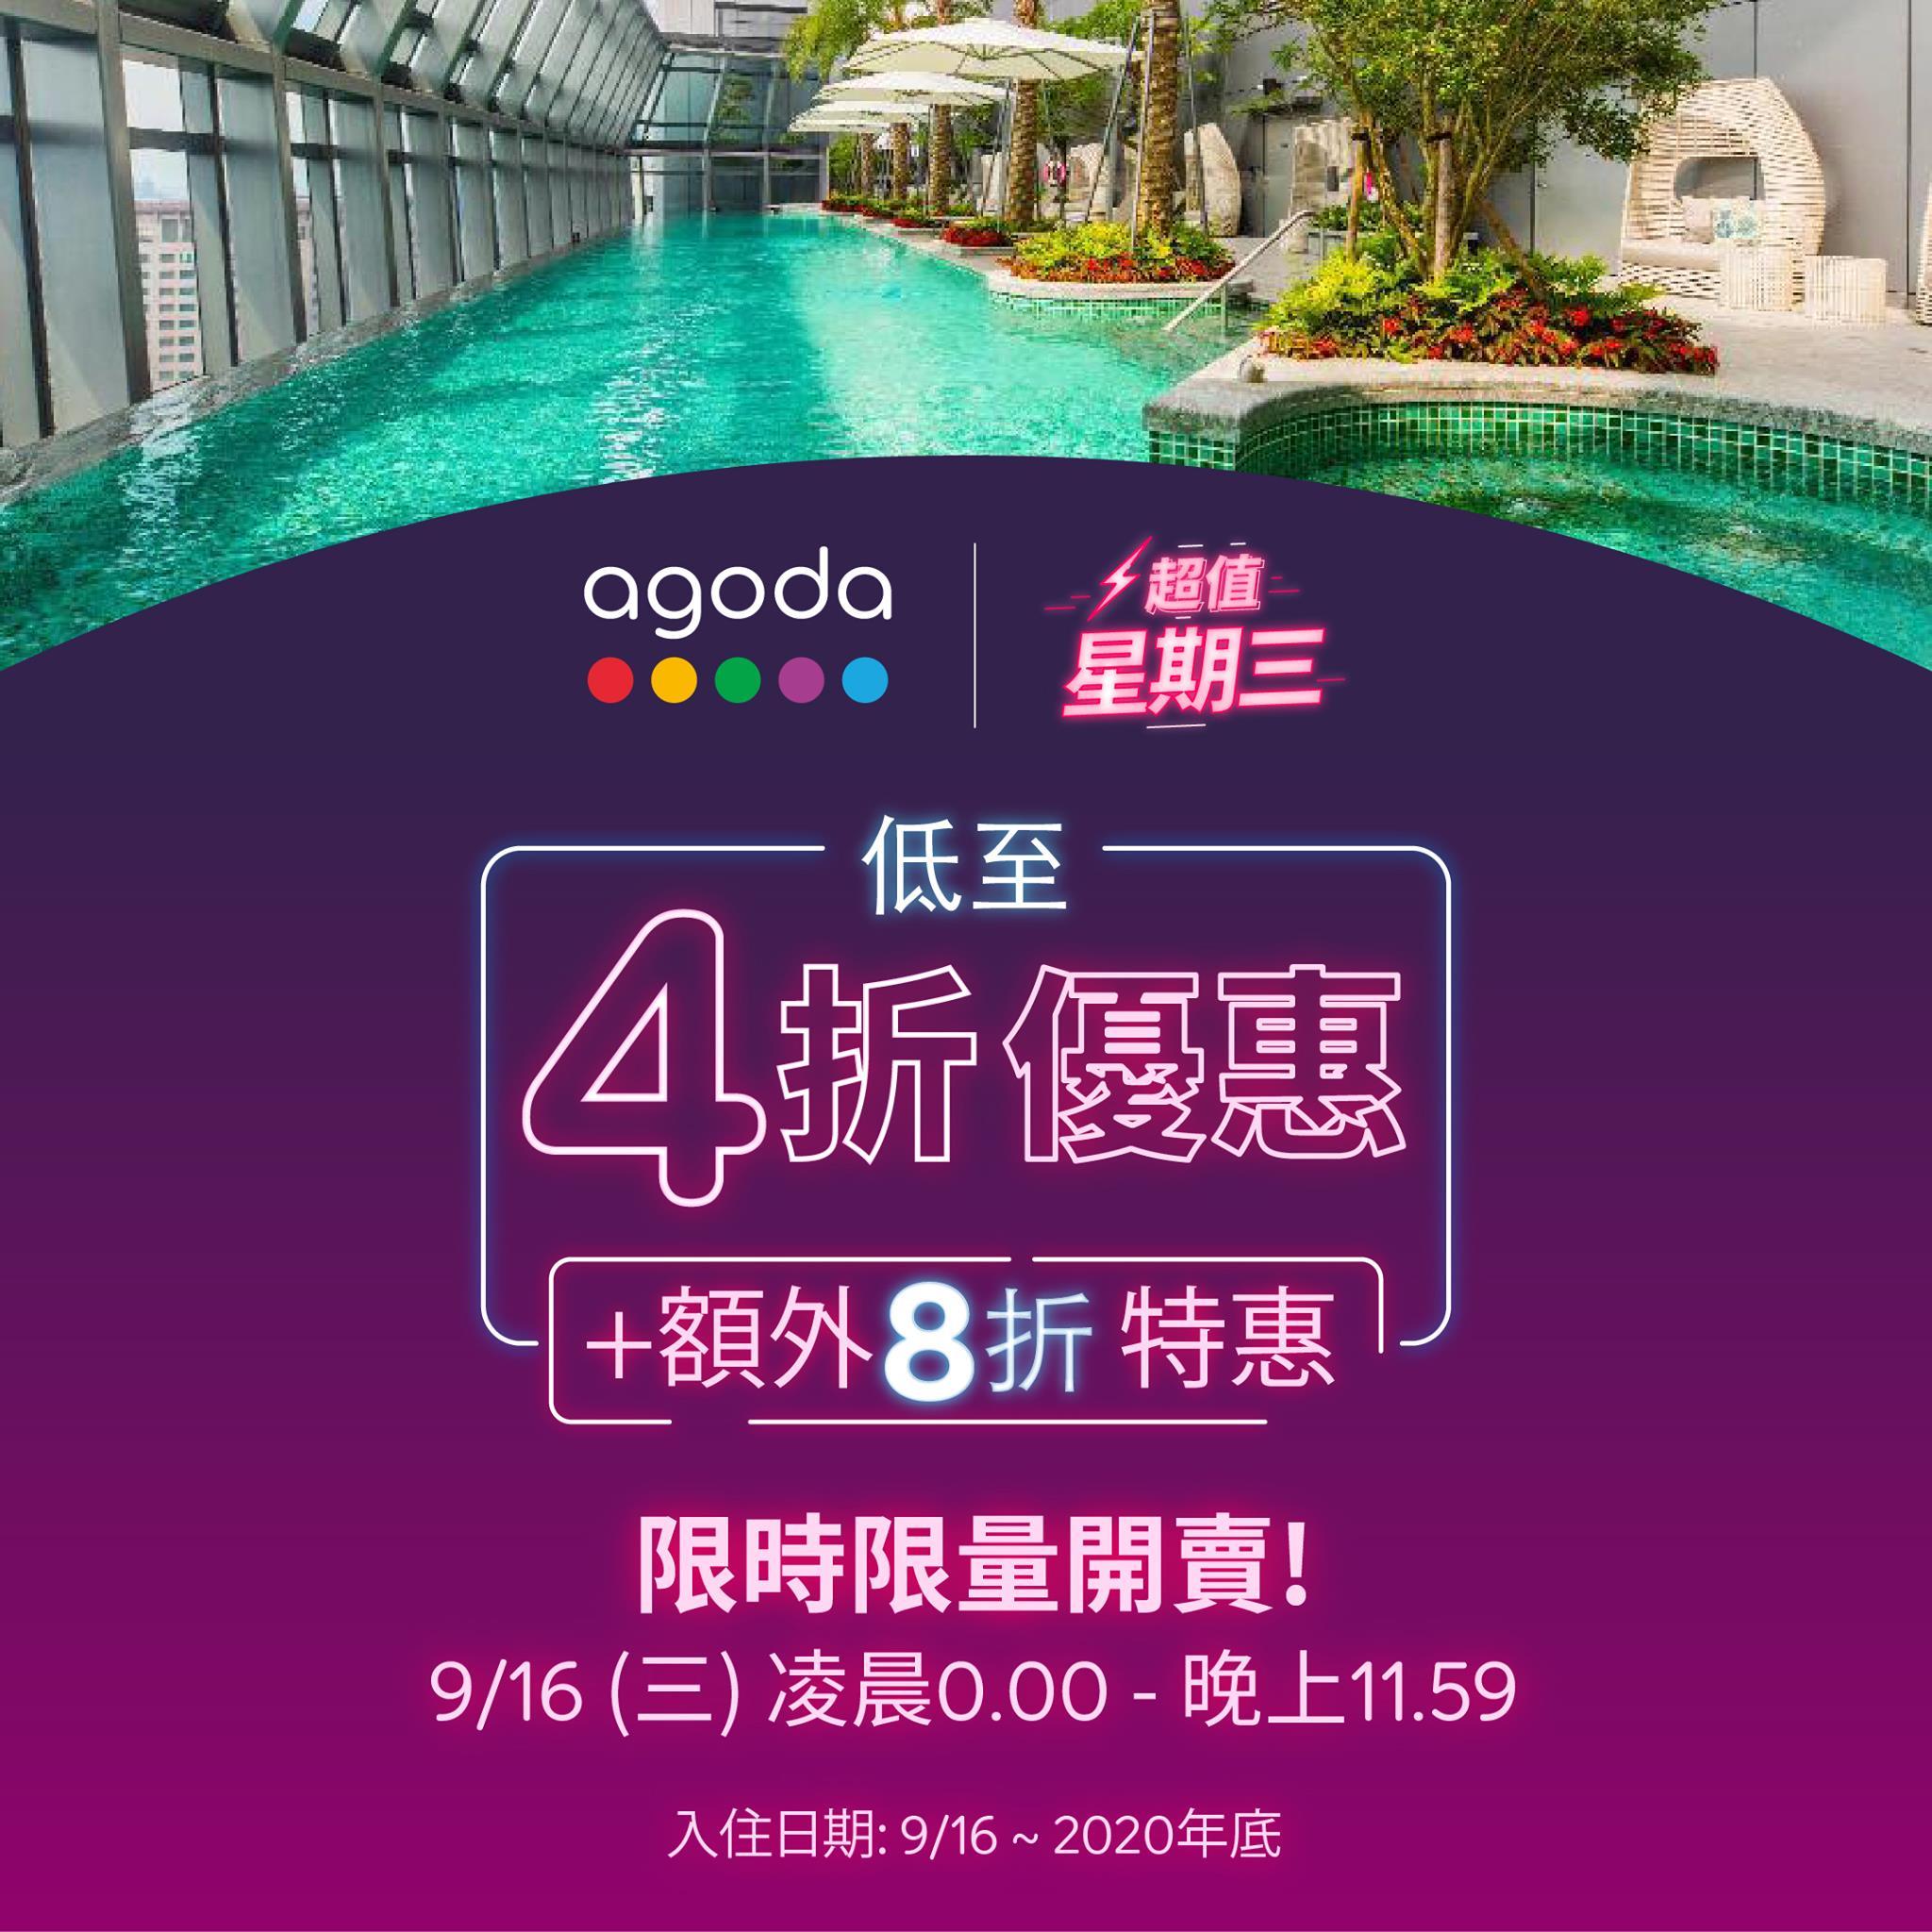 即時熱門文章:Agoda週三快閃,最低四折+額外八折~歡迎比價看看囉!